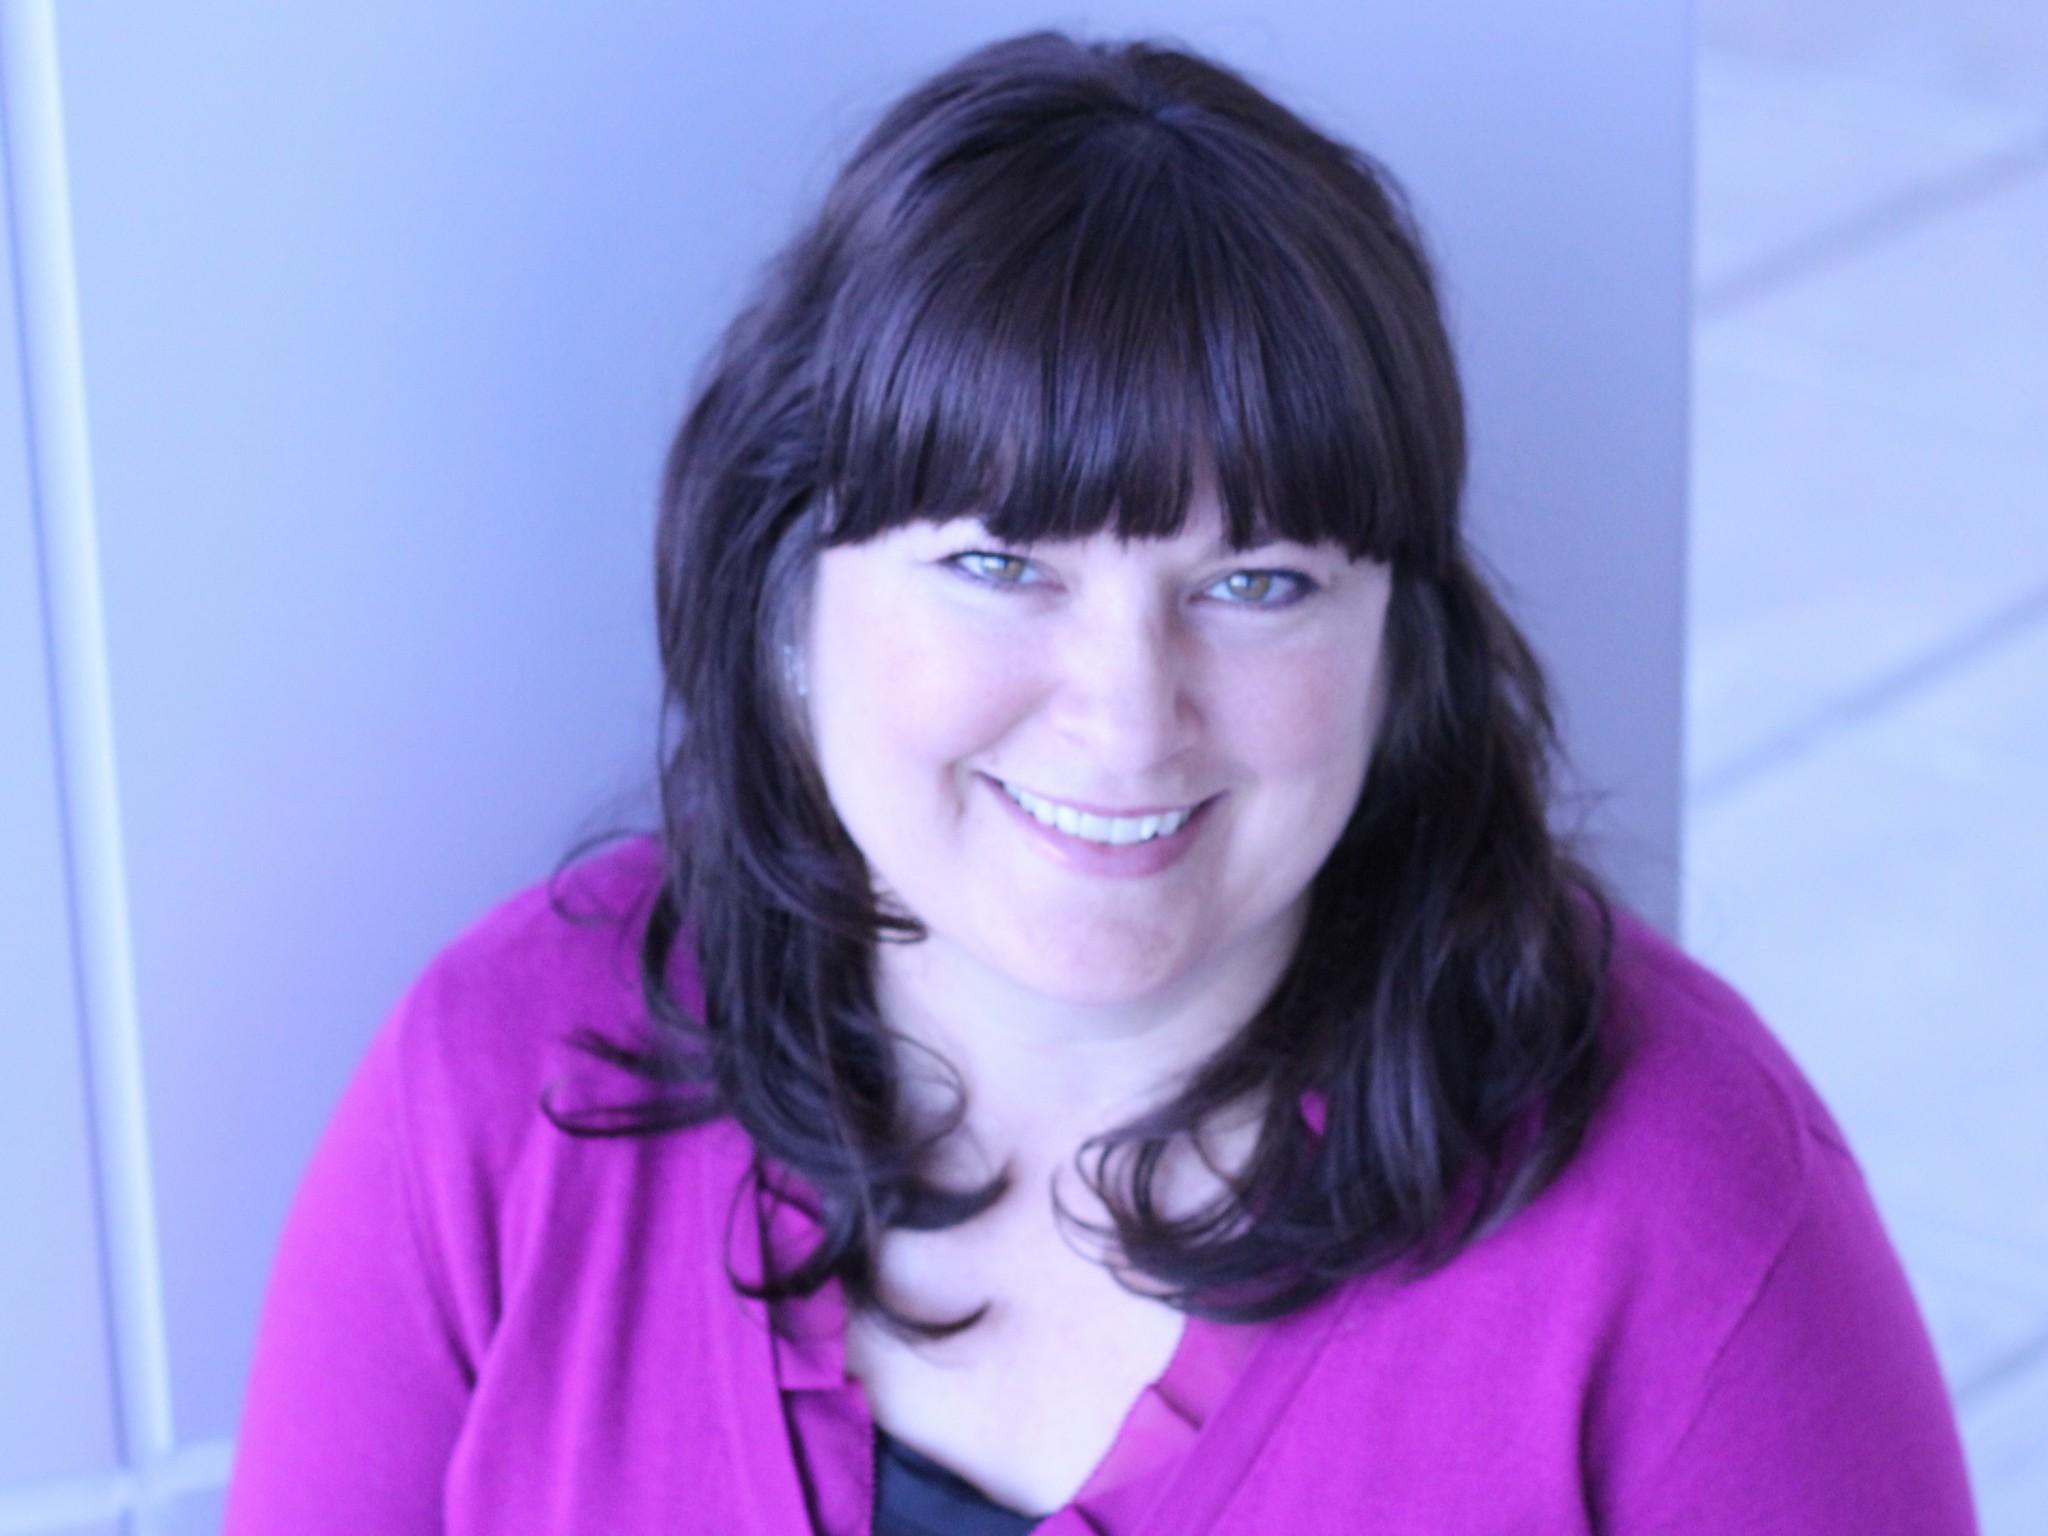 Dr. Jennifer W. Shewmaker » Gender and Media Talk